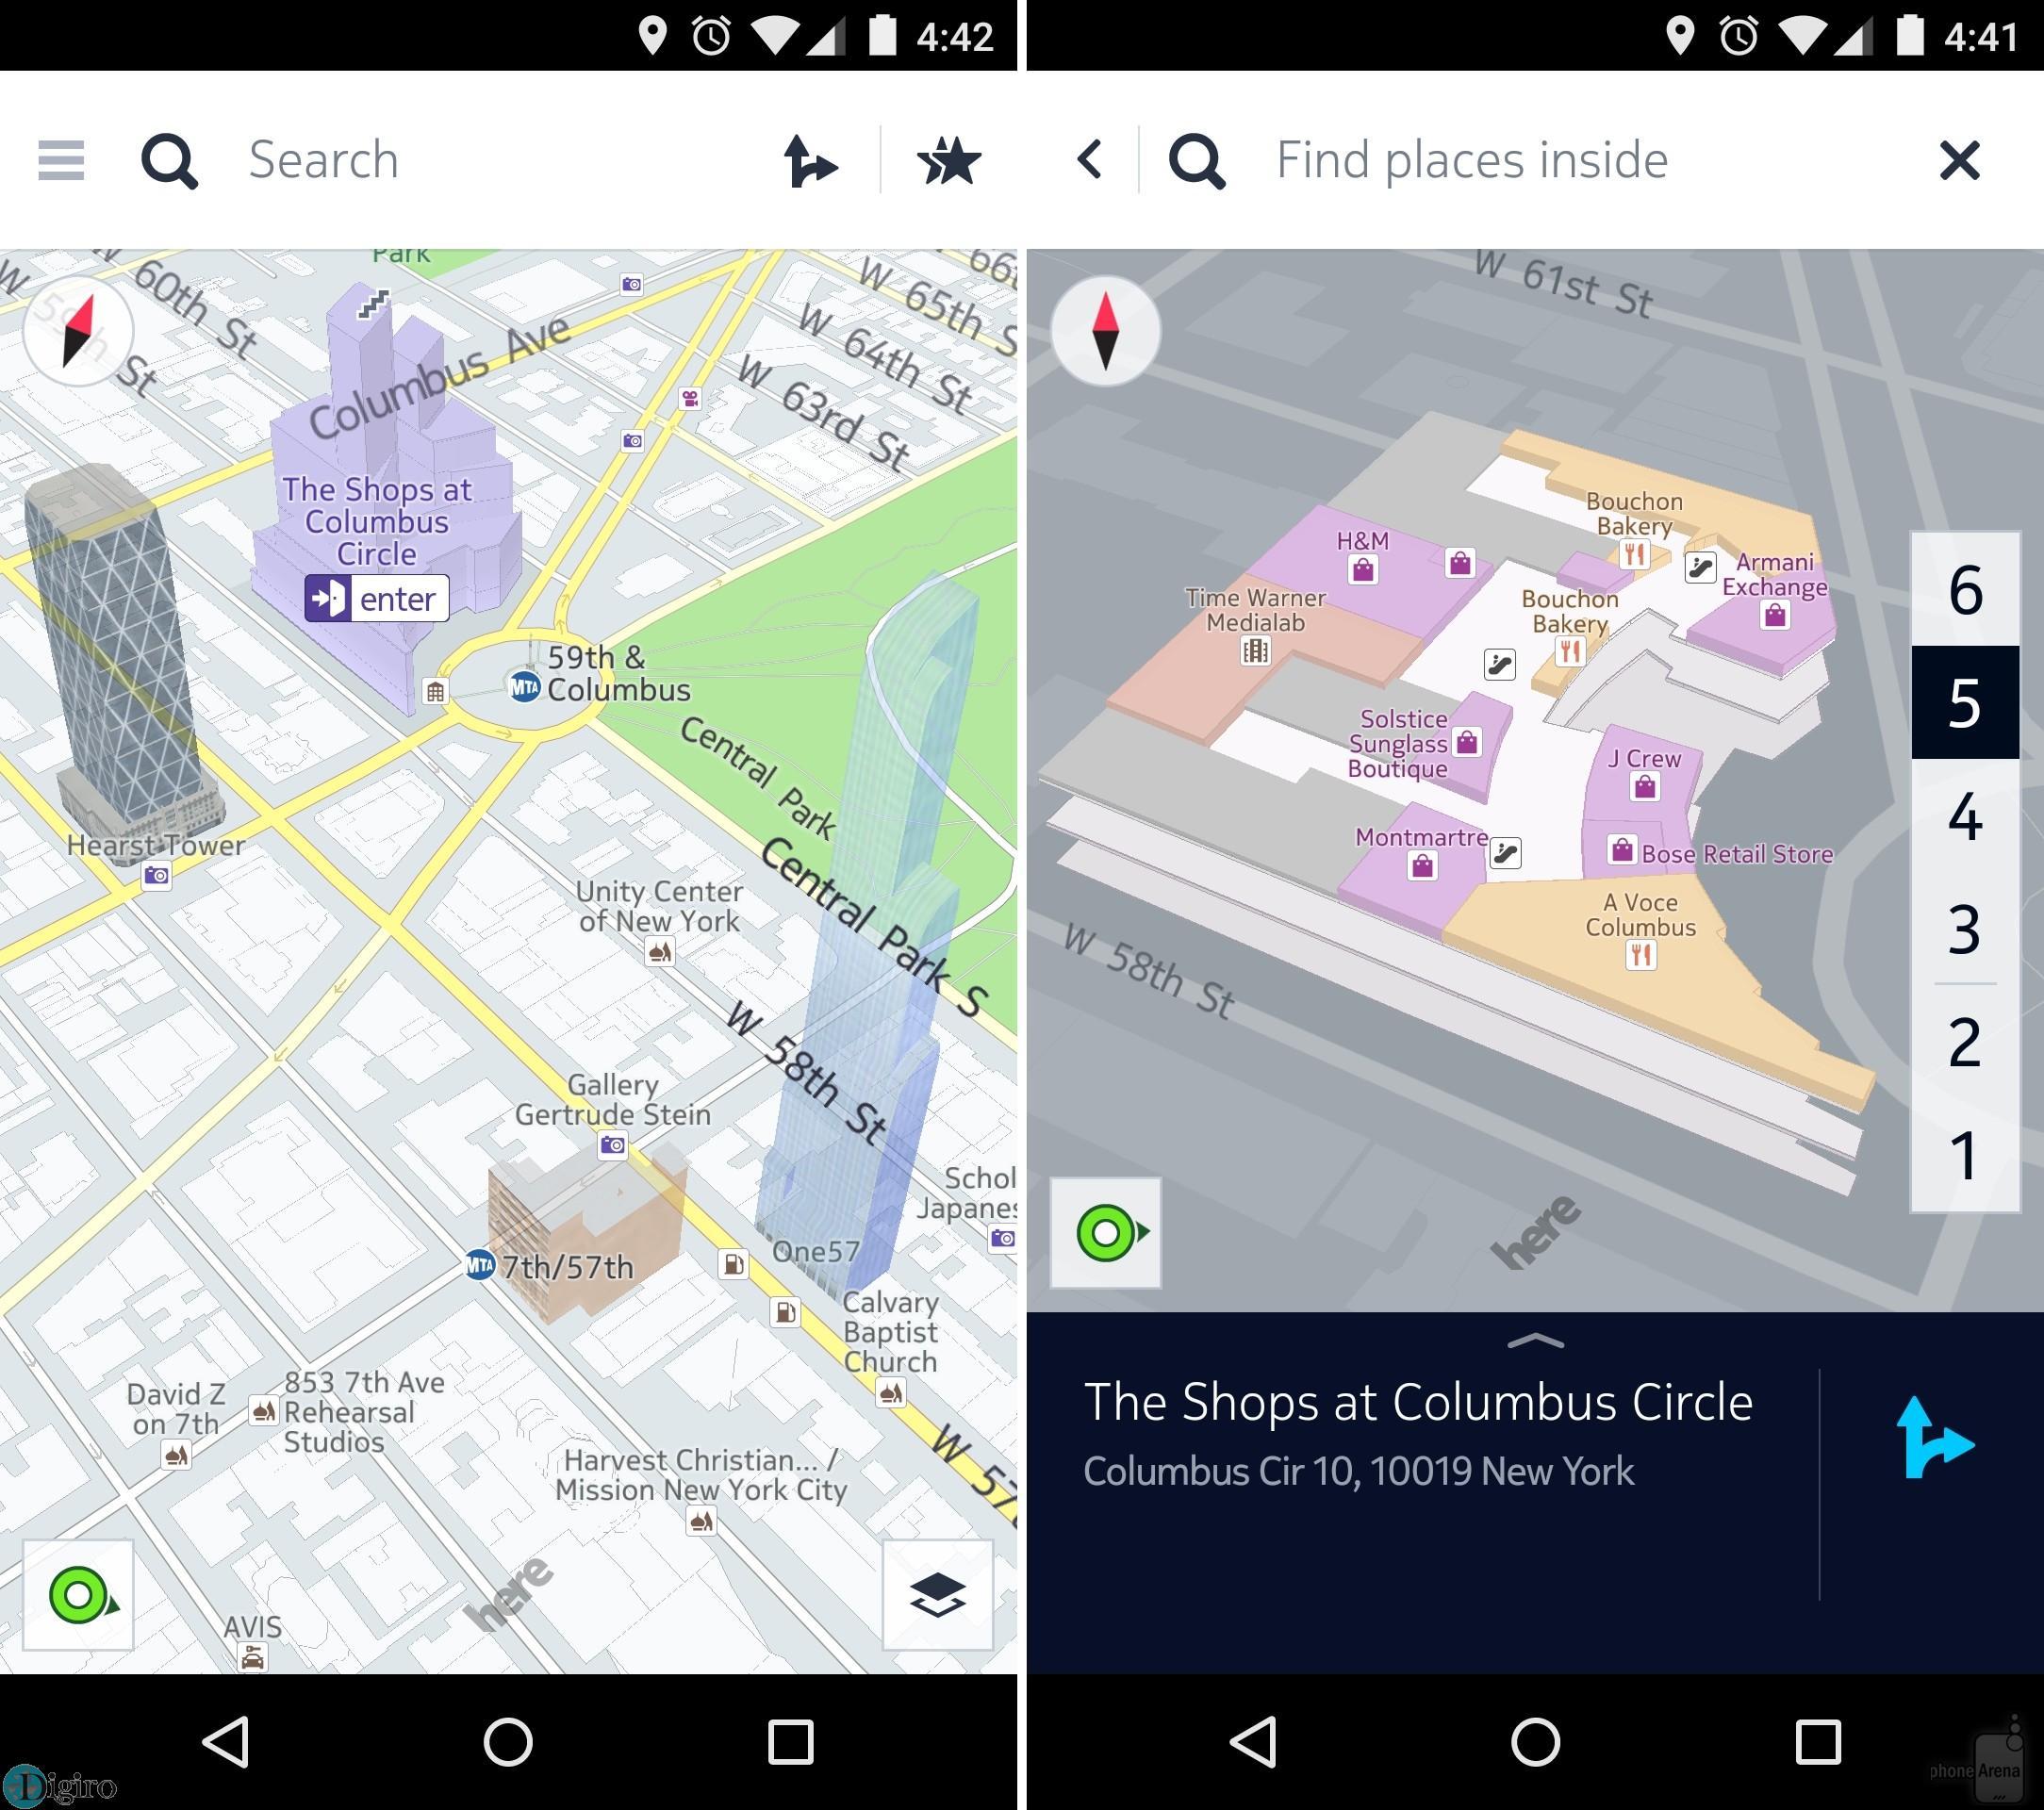 قابلیت های نقشه نوکیا، HERE Maps